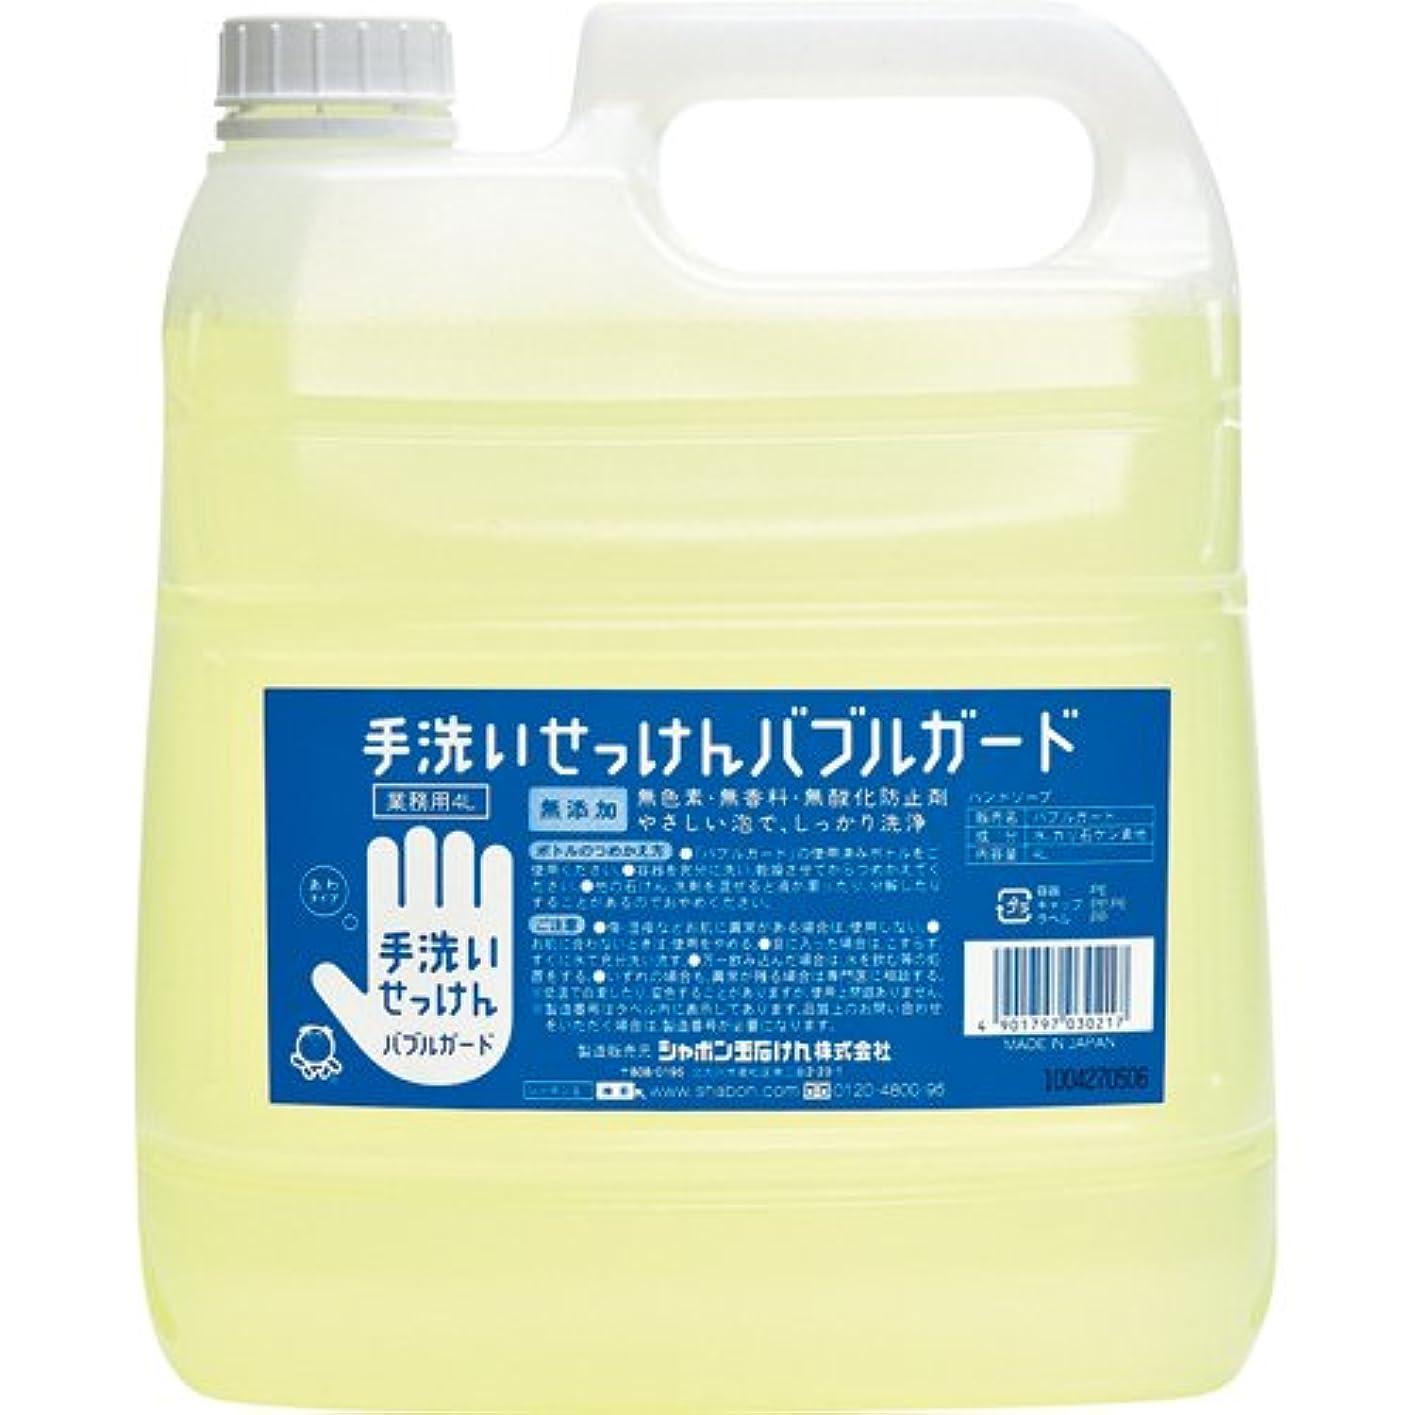 消去舌なトーナメント[シャボン玉石けん 1692542] (ケア商品)手洗いせっけん バブルガード 泡タイプ 業務用 4L